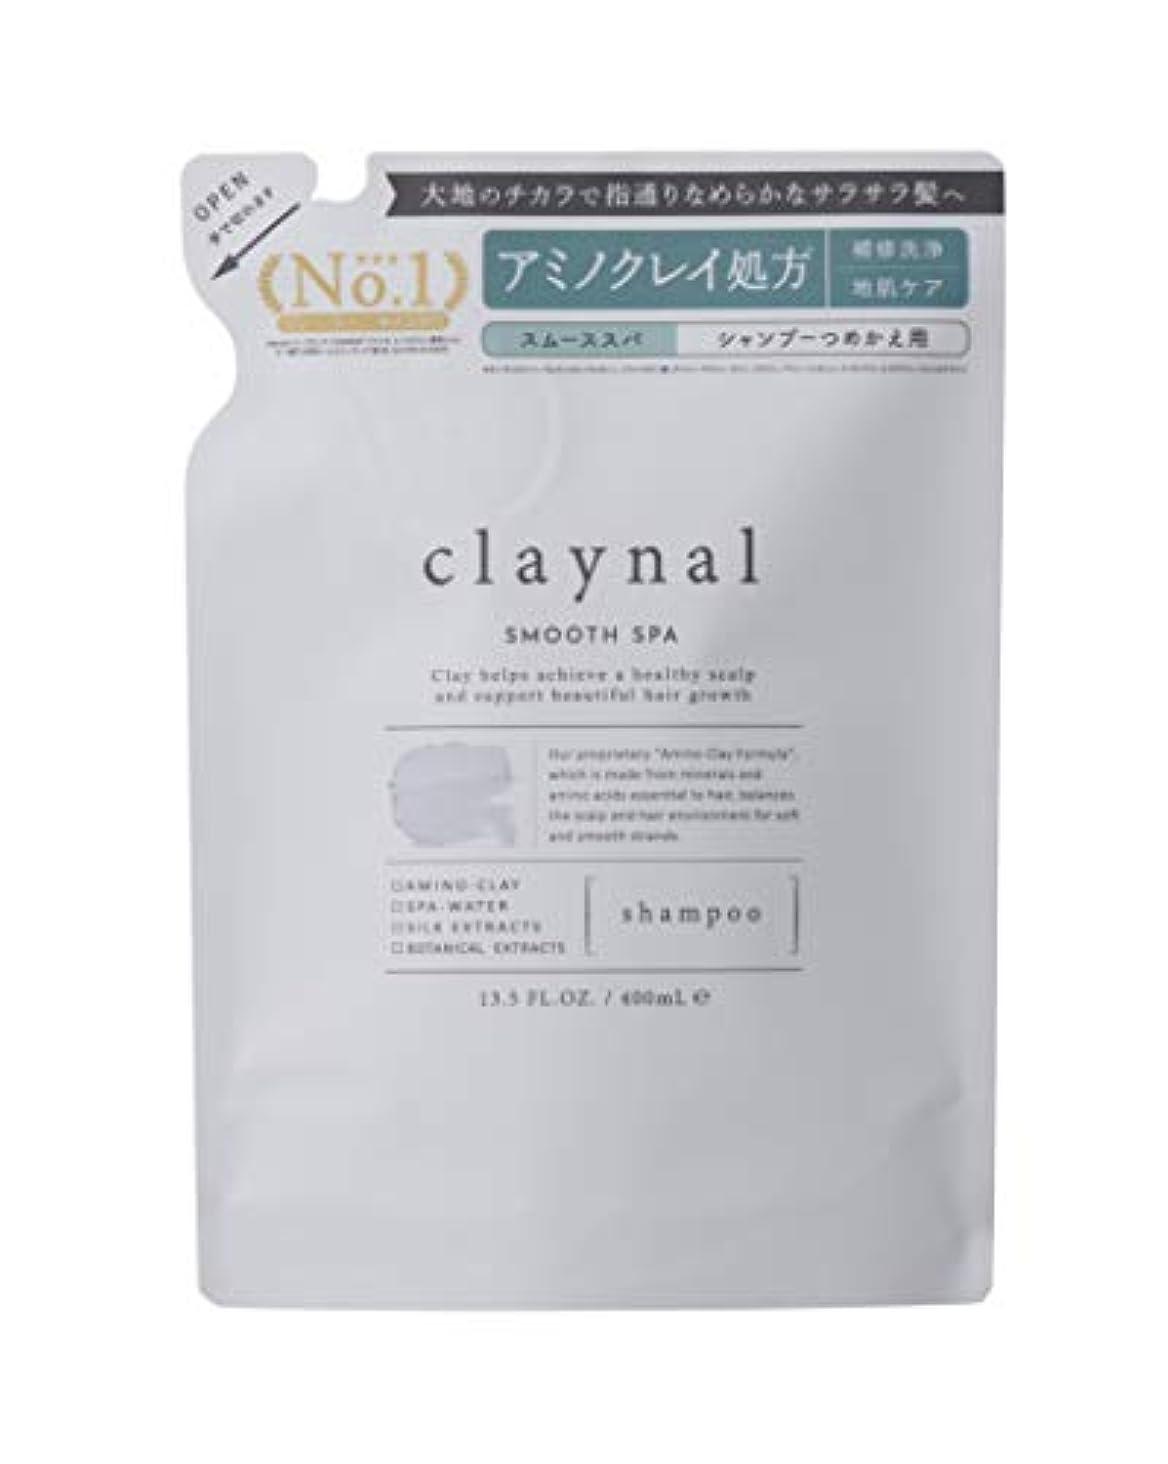 自己尊重全部寺院claynal(クレイナル) クレイナル スムーススパシャンプー(詰替え) 400mL